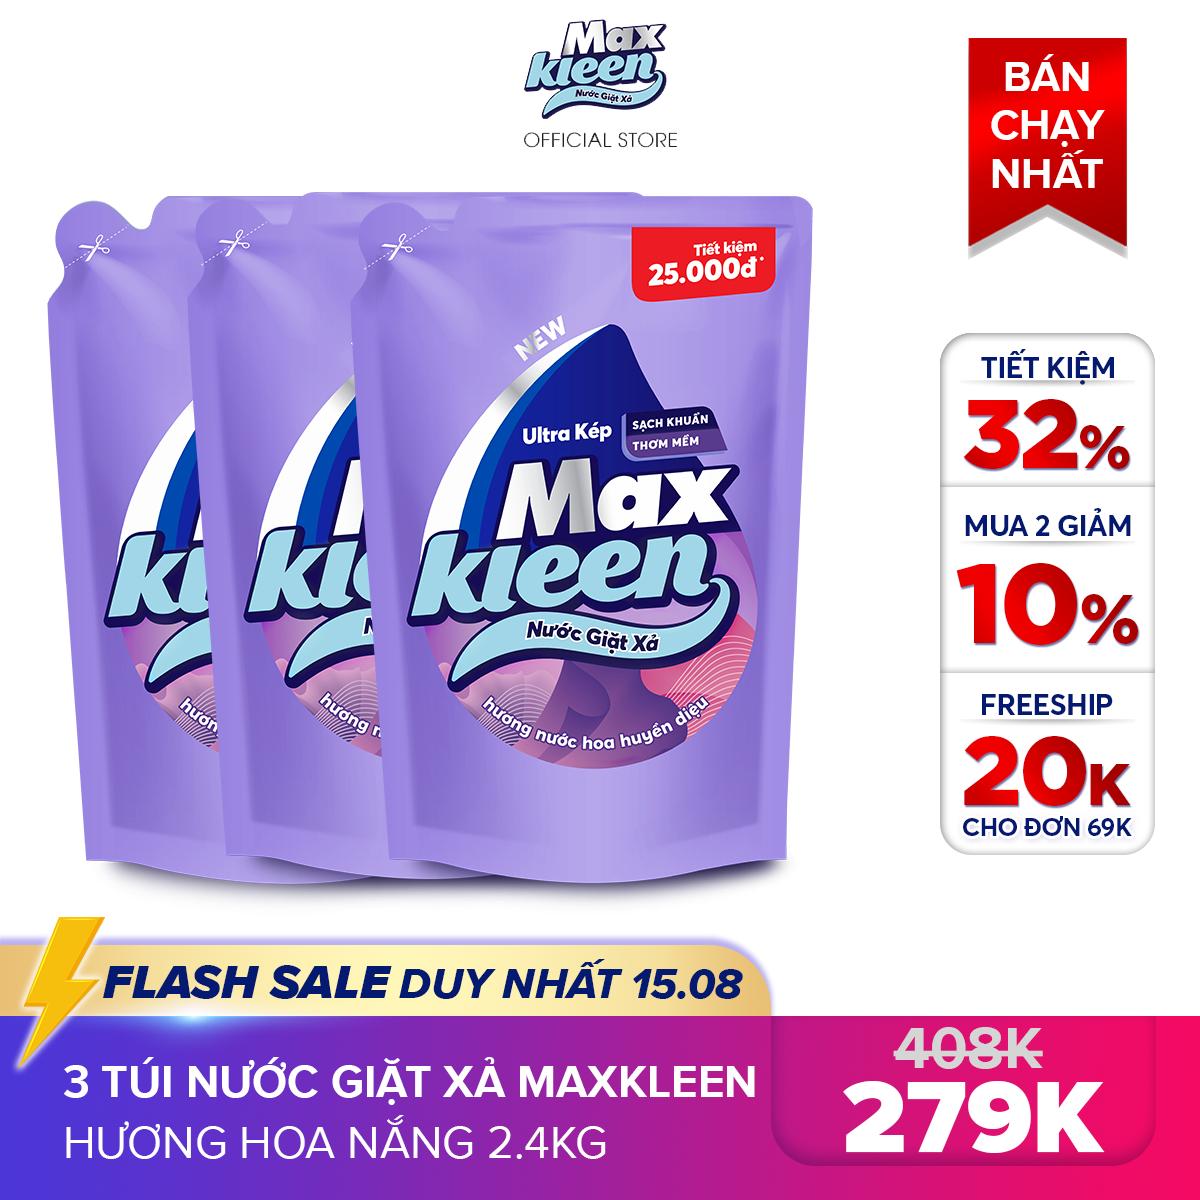 [MIỄN PHÍ VẬN CHUYỂN 20K + MUA 2 GIẢM 10%] Combo 3 Túi Nước Giặt Xả Maxkleen Hương Nước Hoa Huyền Diệu (2.4kg/túi)